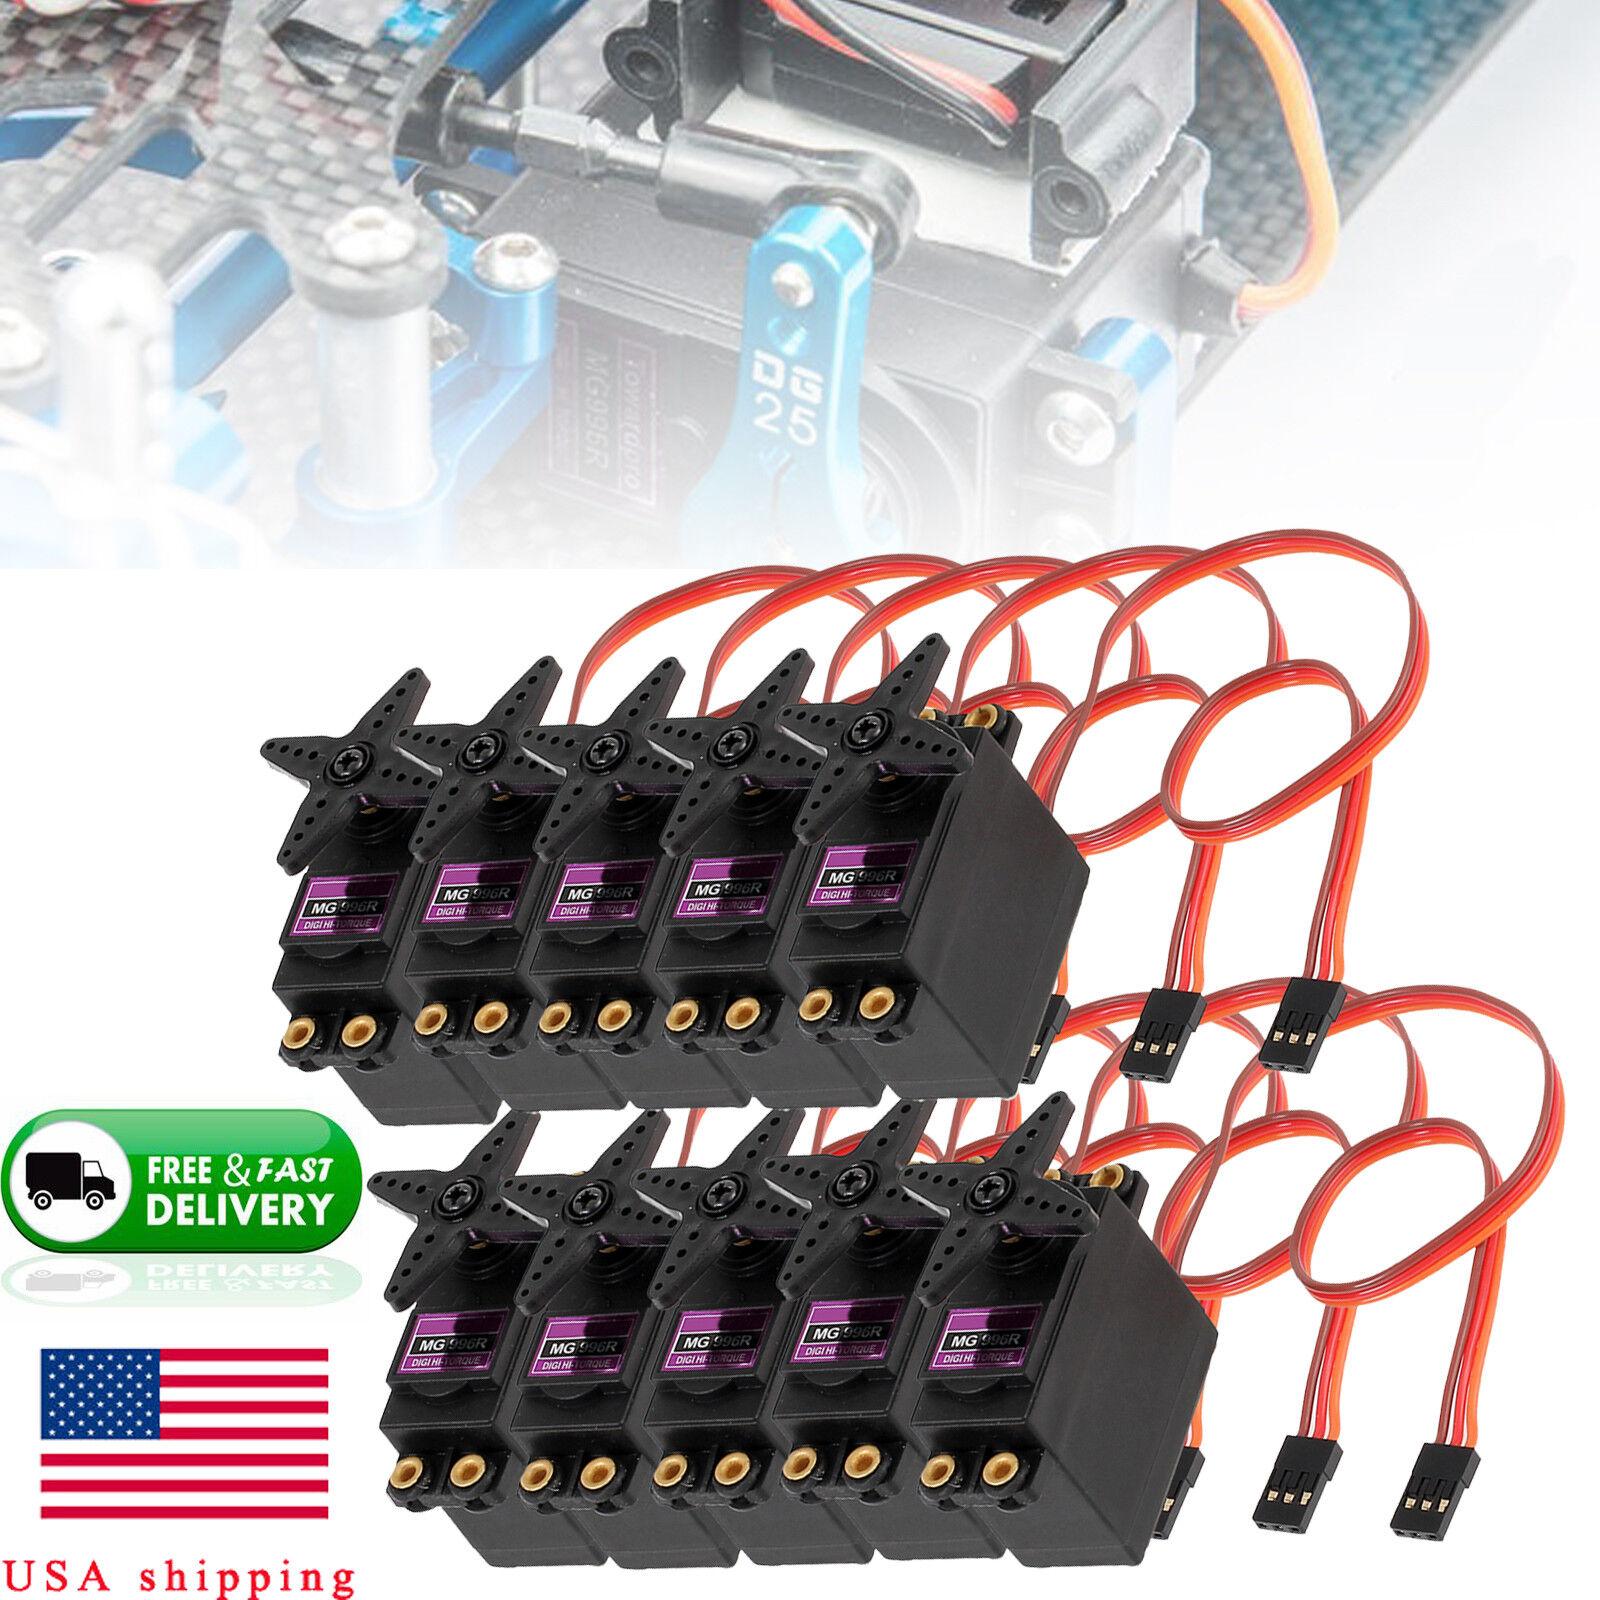 2   4   6   8   10pcs mg996r digital servo metal gear drehmoment - kit fr futaba jr - 2c - auto